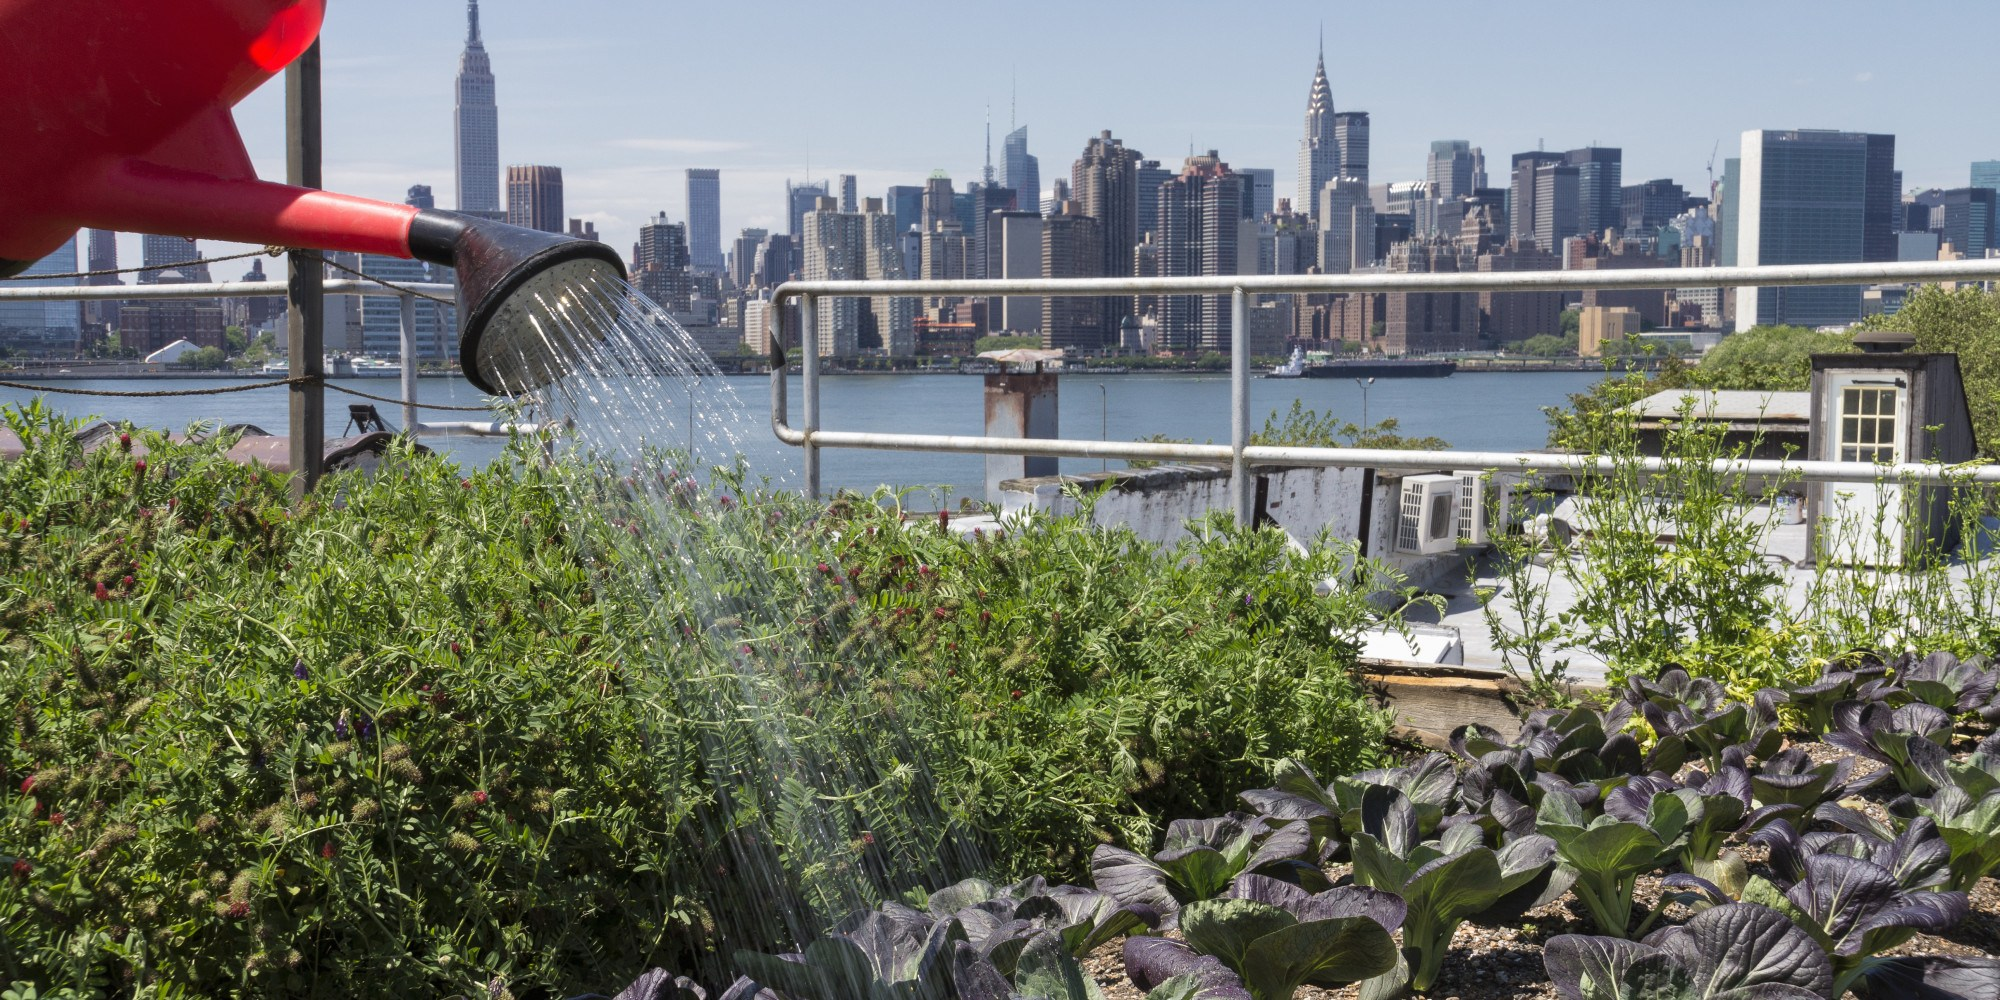 What Is Urban Farming?